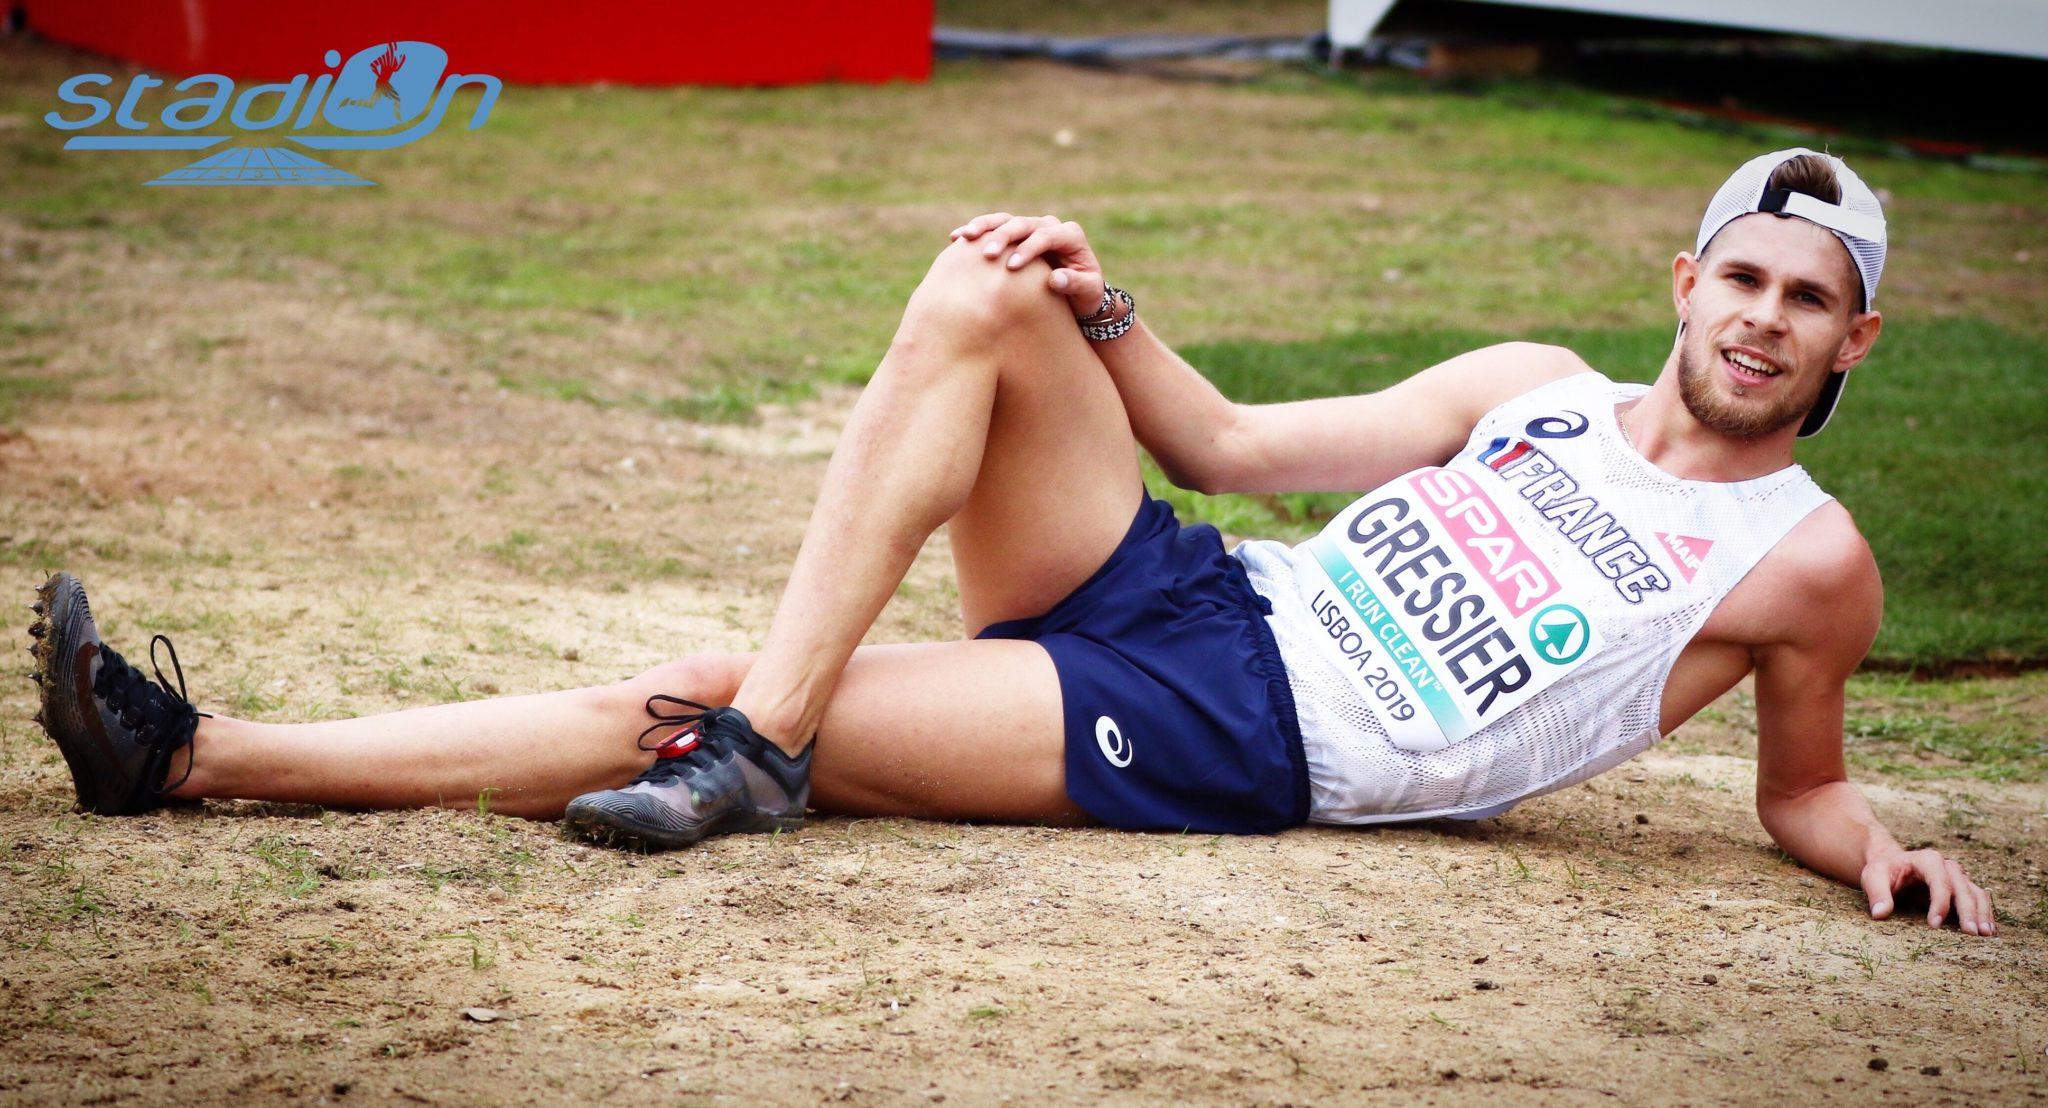 """Ce vendredi, à Toulon, Jimmy Gressier part à l'assaut des minima pour les Jeux olympiques de Tokyo sur 5000 m fixés à 13'13""""50. Suivez cette tentative sur notre page Facebook à partir de 12h30."""